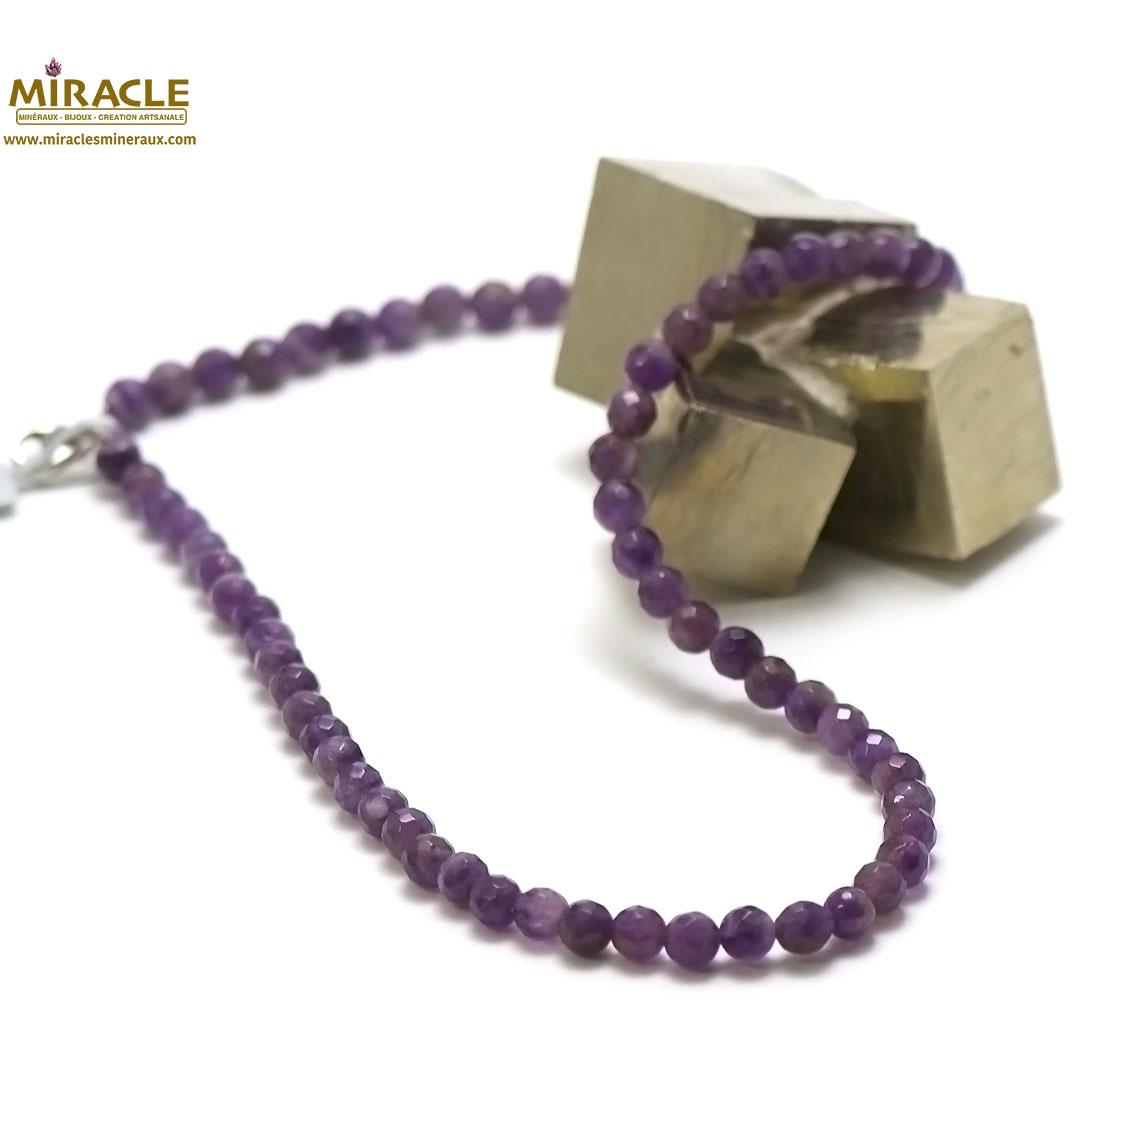 Collier améthyste perle ronde facettée 8 mm ,pierre naturelle